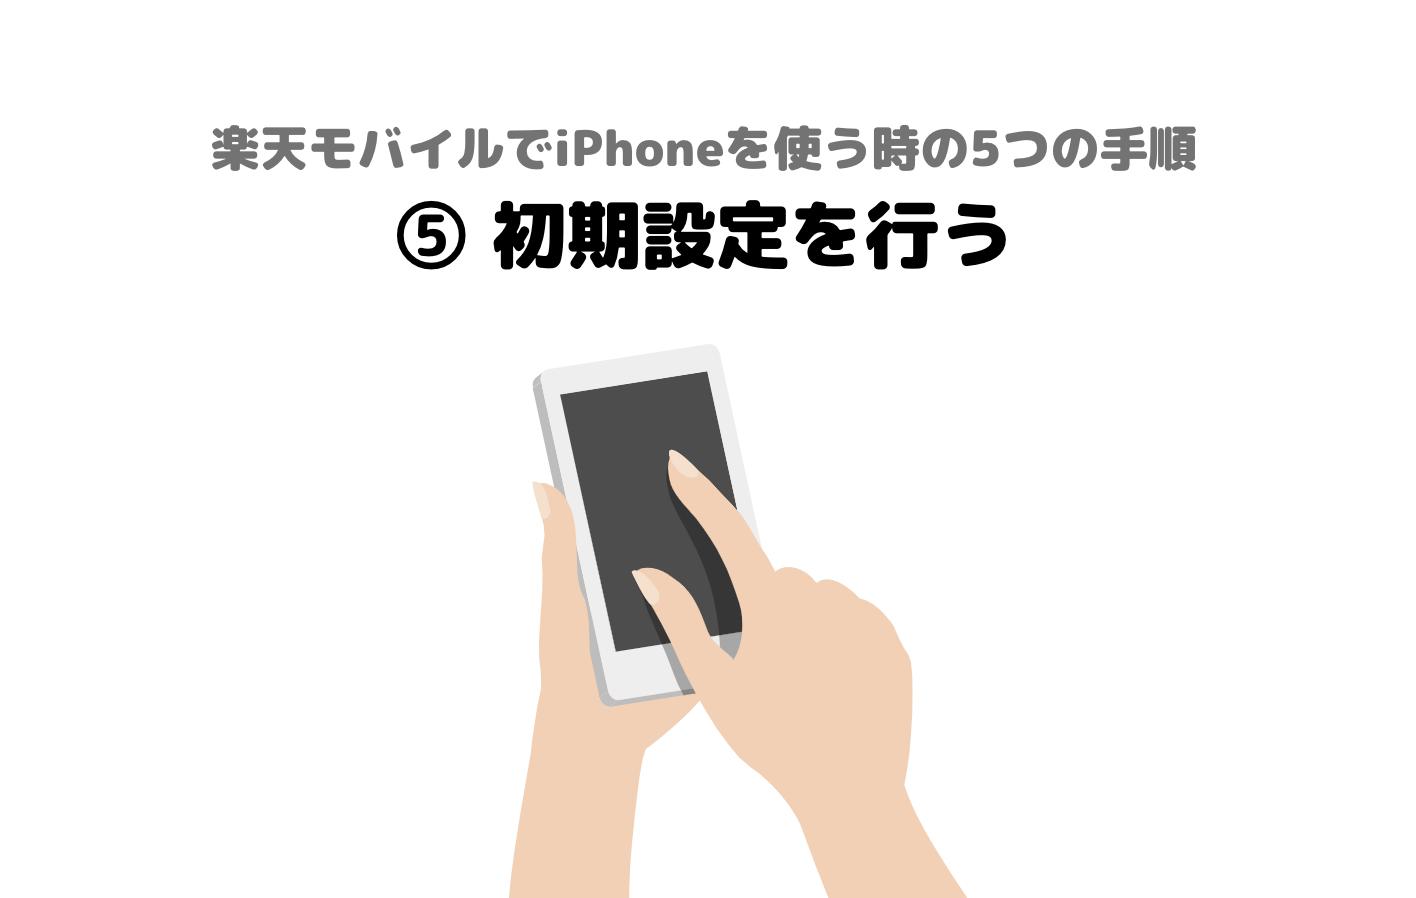 楽天モバイル_iphone_iPhone_iPad_申し込み方法_初期設定